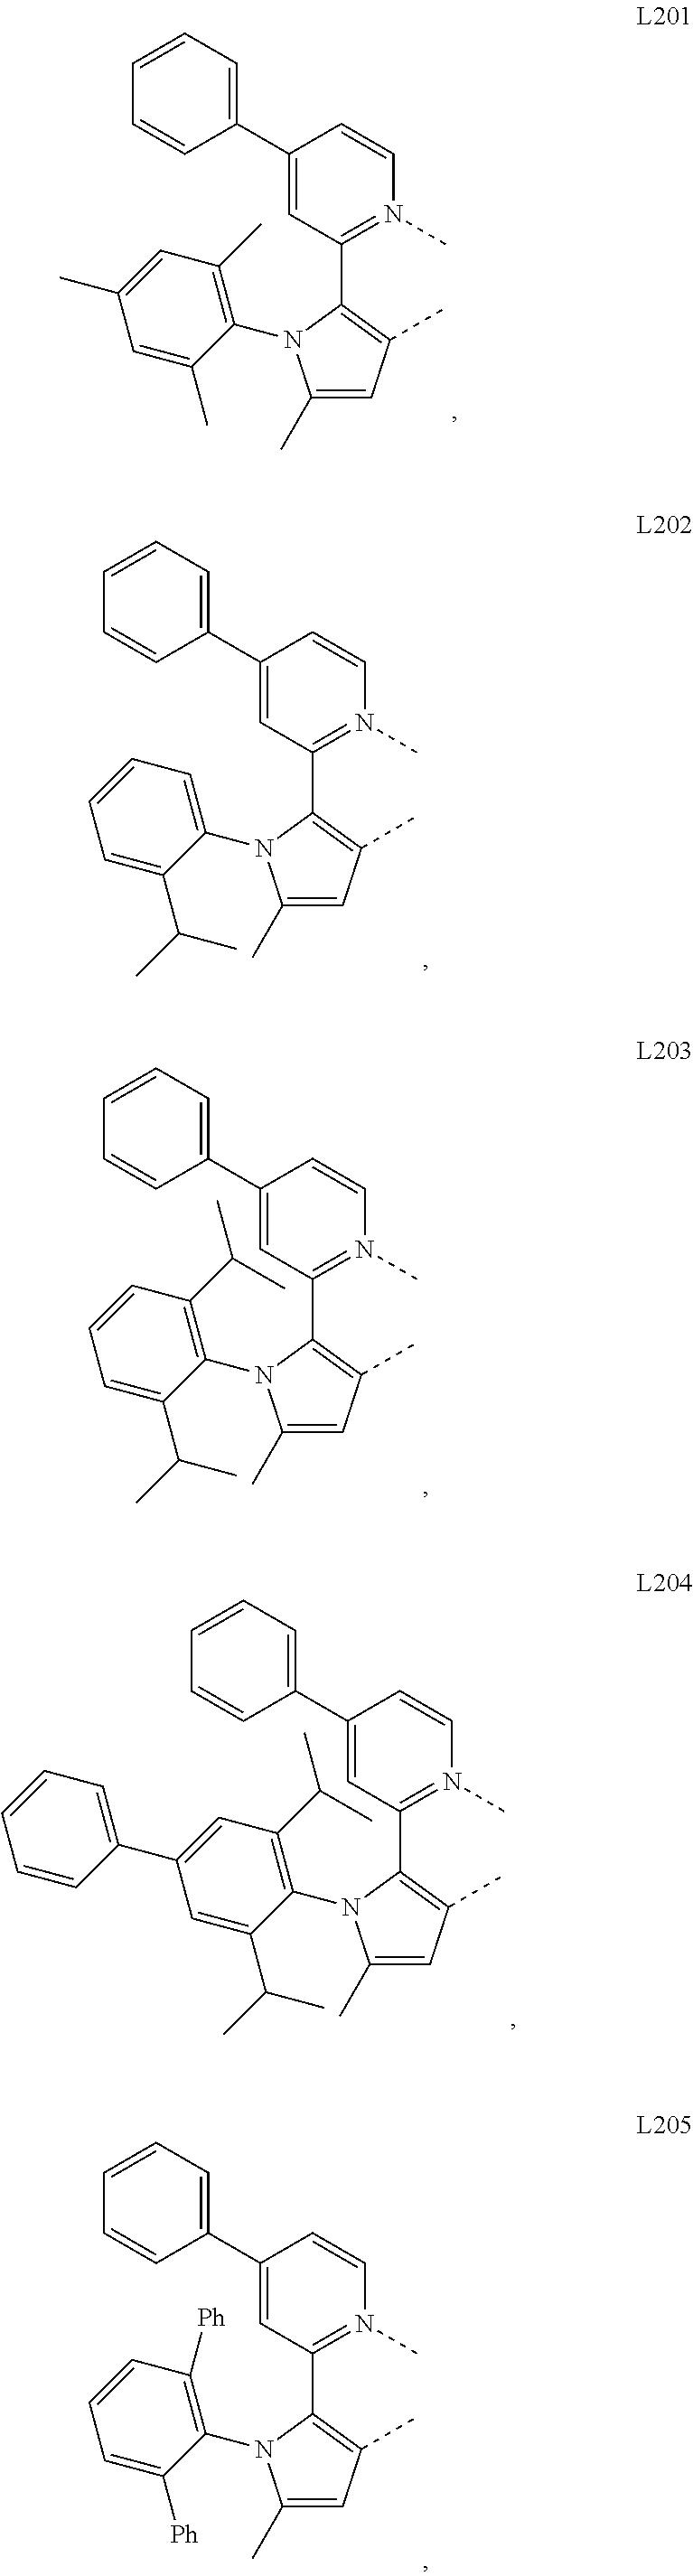 Figure US09935277-20180403-C00046